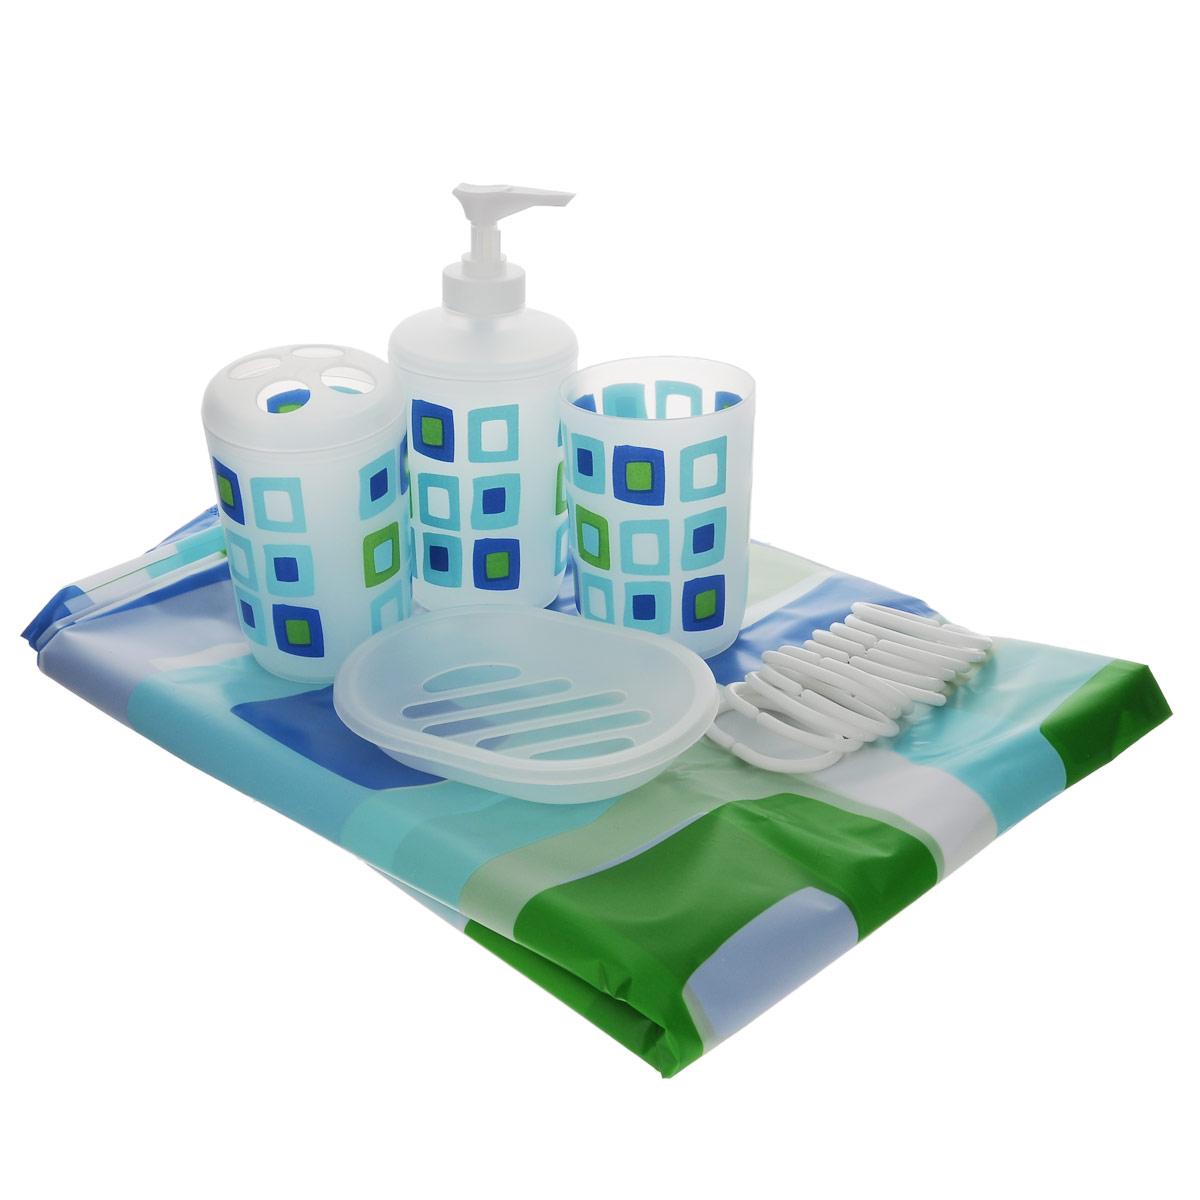 Набор для ванной комнаты House & Holder, 5 предметов. SWYS053SWYS053Набор для ванной комнаты House & Holder состоит из держателя для зубных щеток, стакана, дозатора для жидкого мыла, мыльницы и шторы для ванной с 12 кольцами. Держатель, стакан, дозатор и мыльница изготовлены из высококачественного пластика и декорированы красочным рисунком. Шторка выполнена из водоотталкивающего материала. Набор House & Holder станет отличным подарком на праздник и прекрасно дополнит интерьер ванной комнаты. Размер стакана: 7 см х 7 см х 9,5 см. Размер держателя для зубных щеток: 7 см х 7 см х 10,5 см. Размер дозатора: 7 см х 7 см х 16 см. Размер мыльницы: 13,5 см х 9,5 см х 2 см. Размер шторы: 180 см х 180 см.